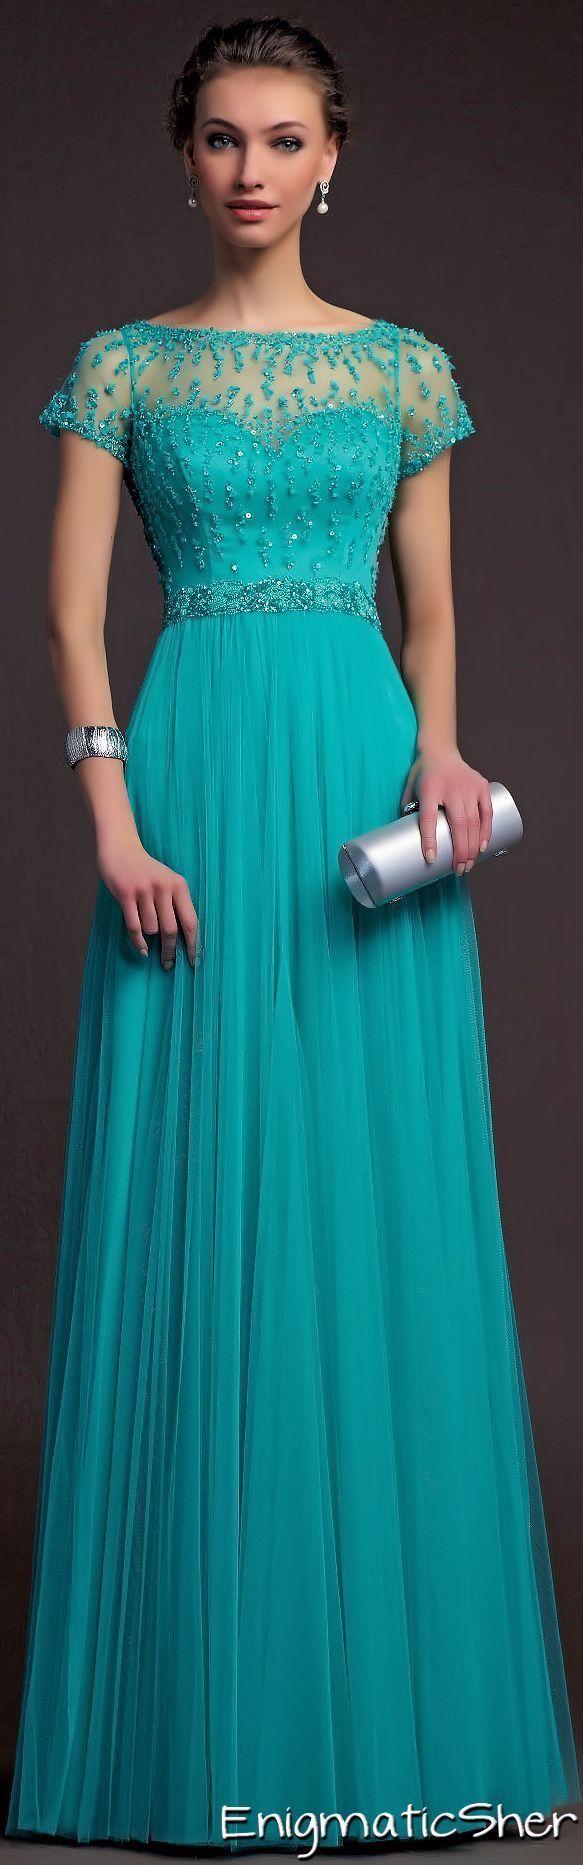 best vestidos de noche images on pinterest evening gowns gown